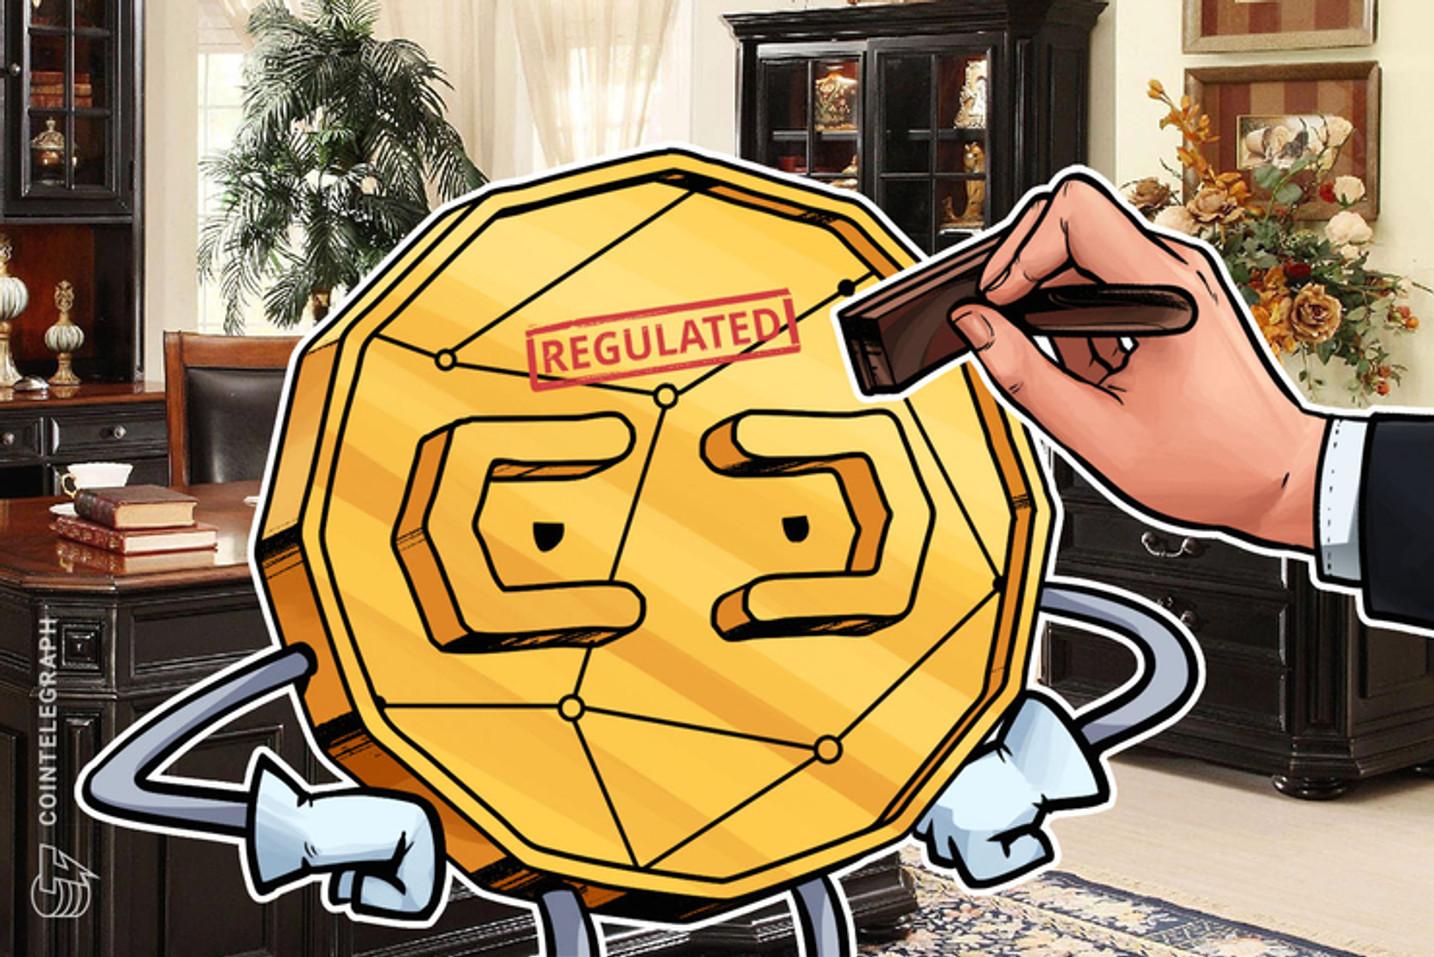 Em SP, CVM e Banco Central vão abordar sandbox que pode permitir emissão regulamentada de criptomoeda e tokens